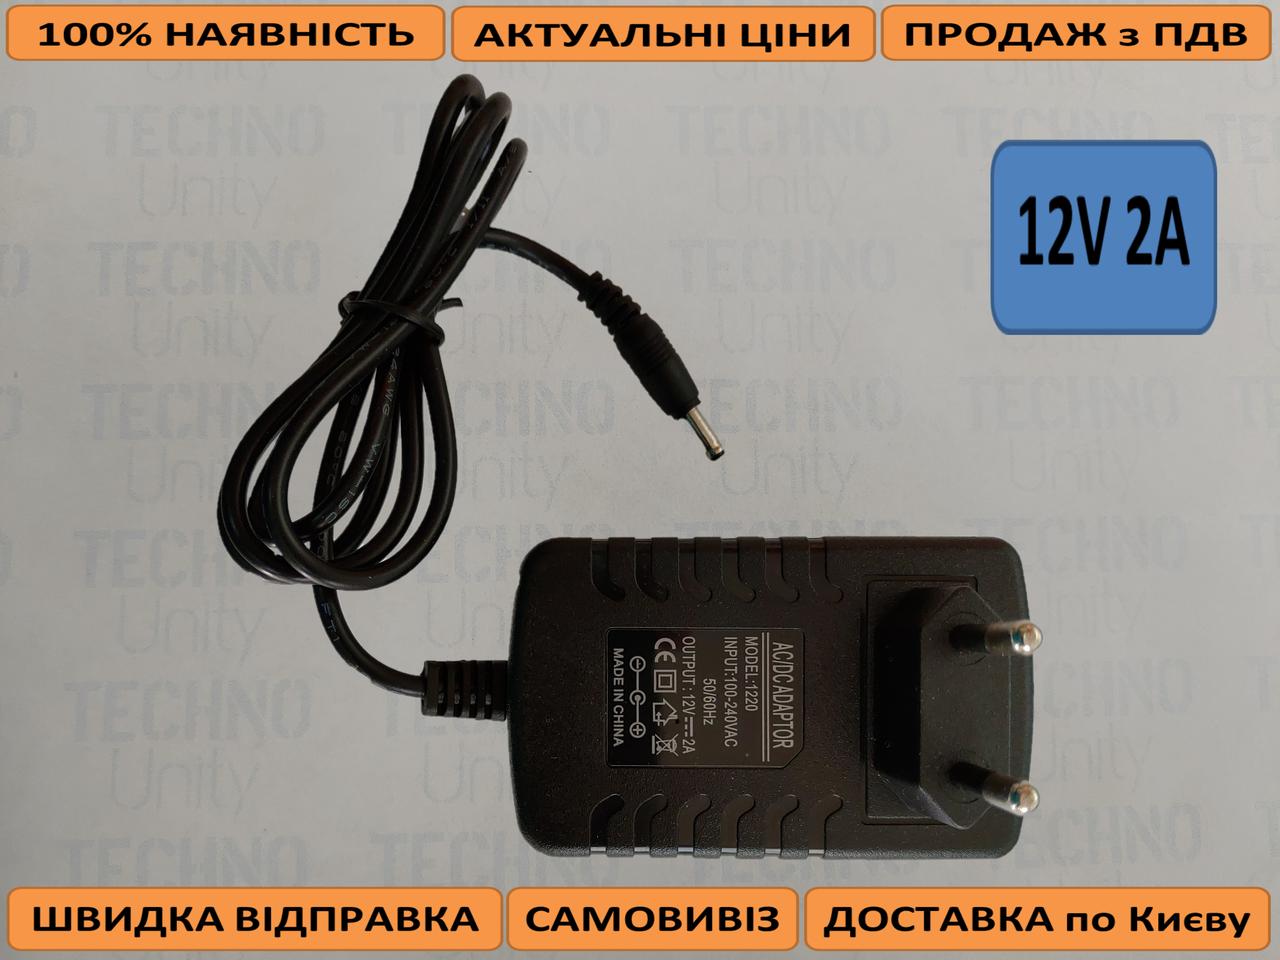 Блок питания для ноутбука Vinga Yepo 12В 2А 24Вт (аналог VPA-1202001) кабель 90см